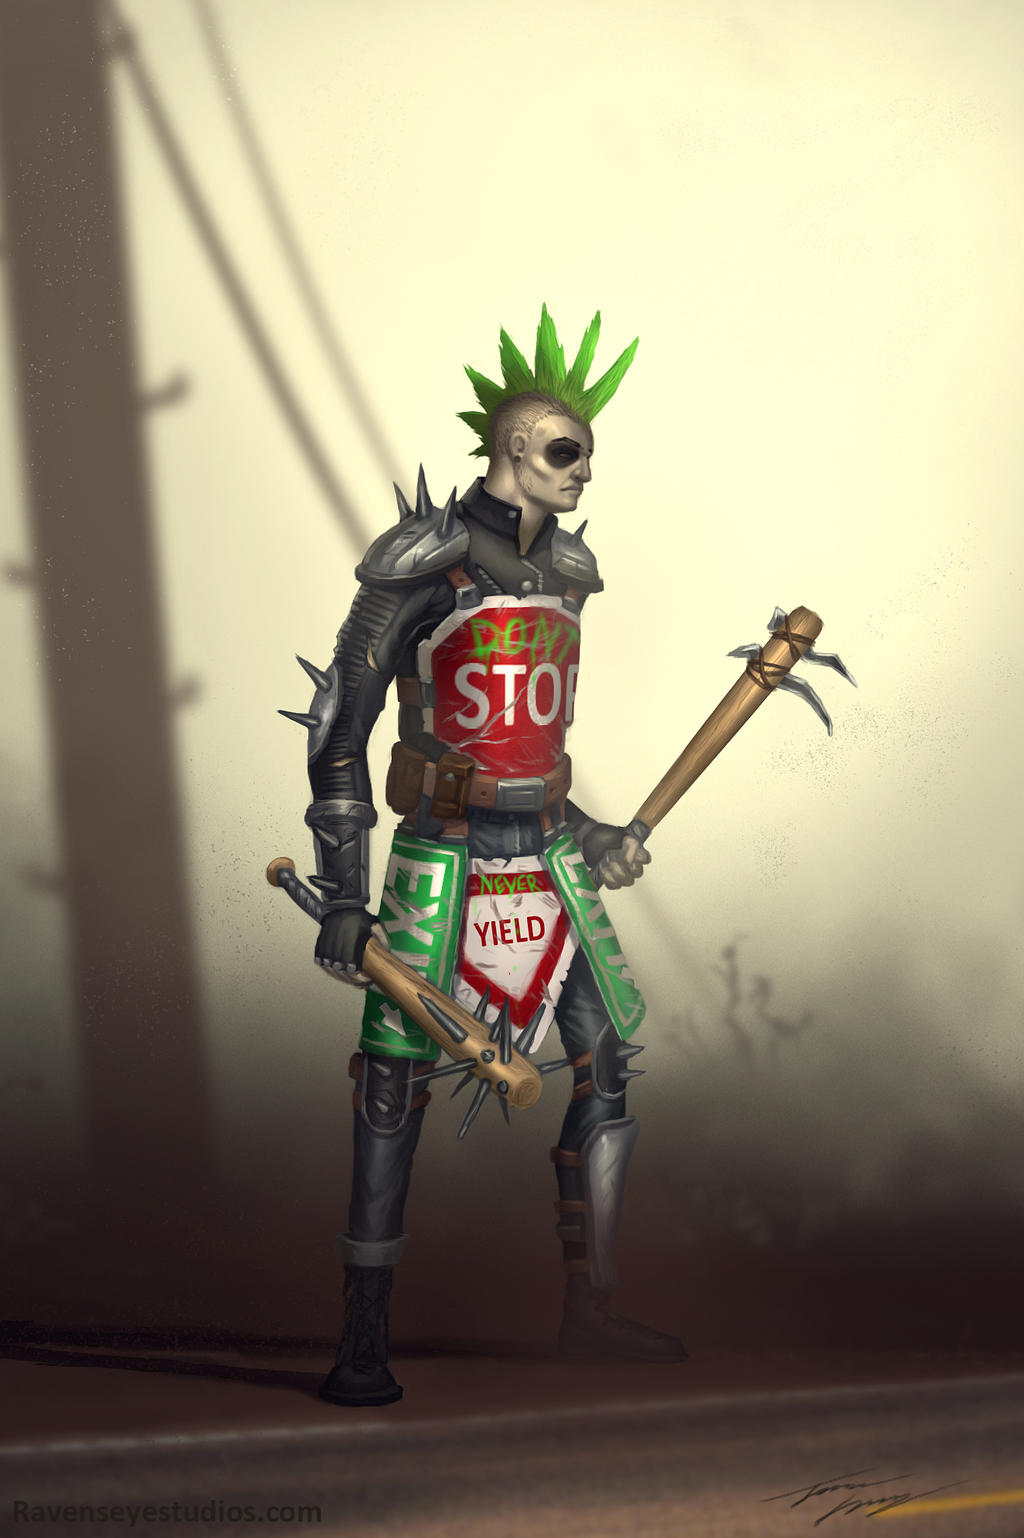 Road warrior by RavenseyeTravisLacey